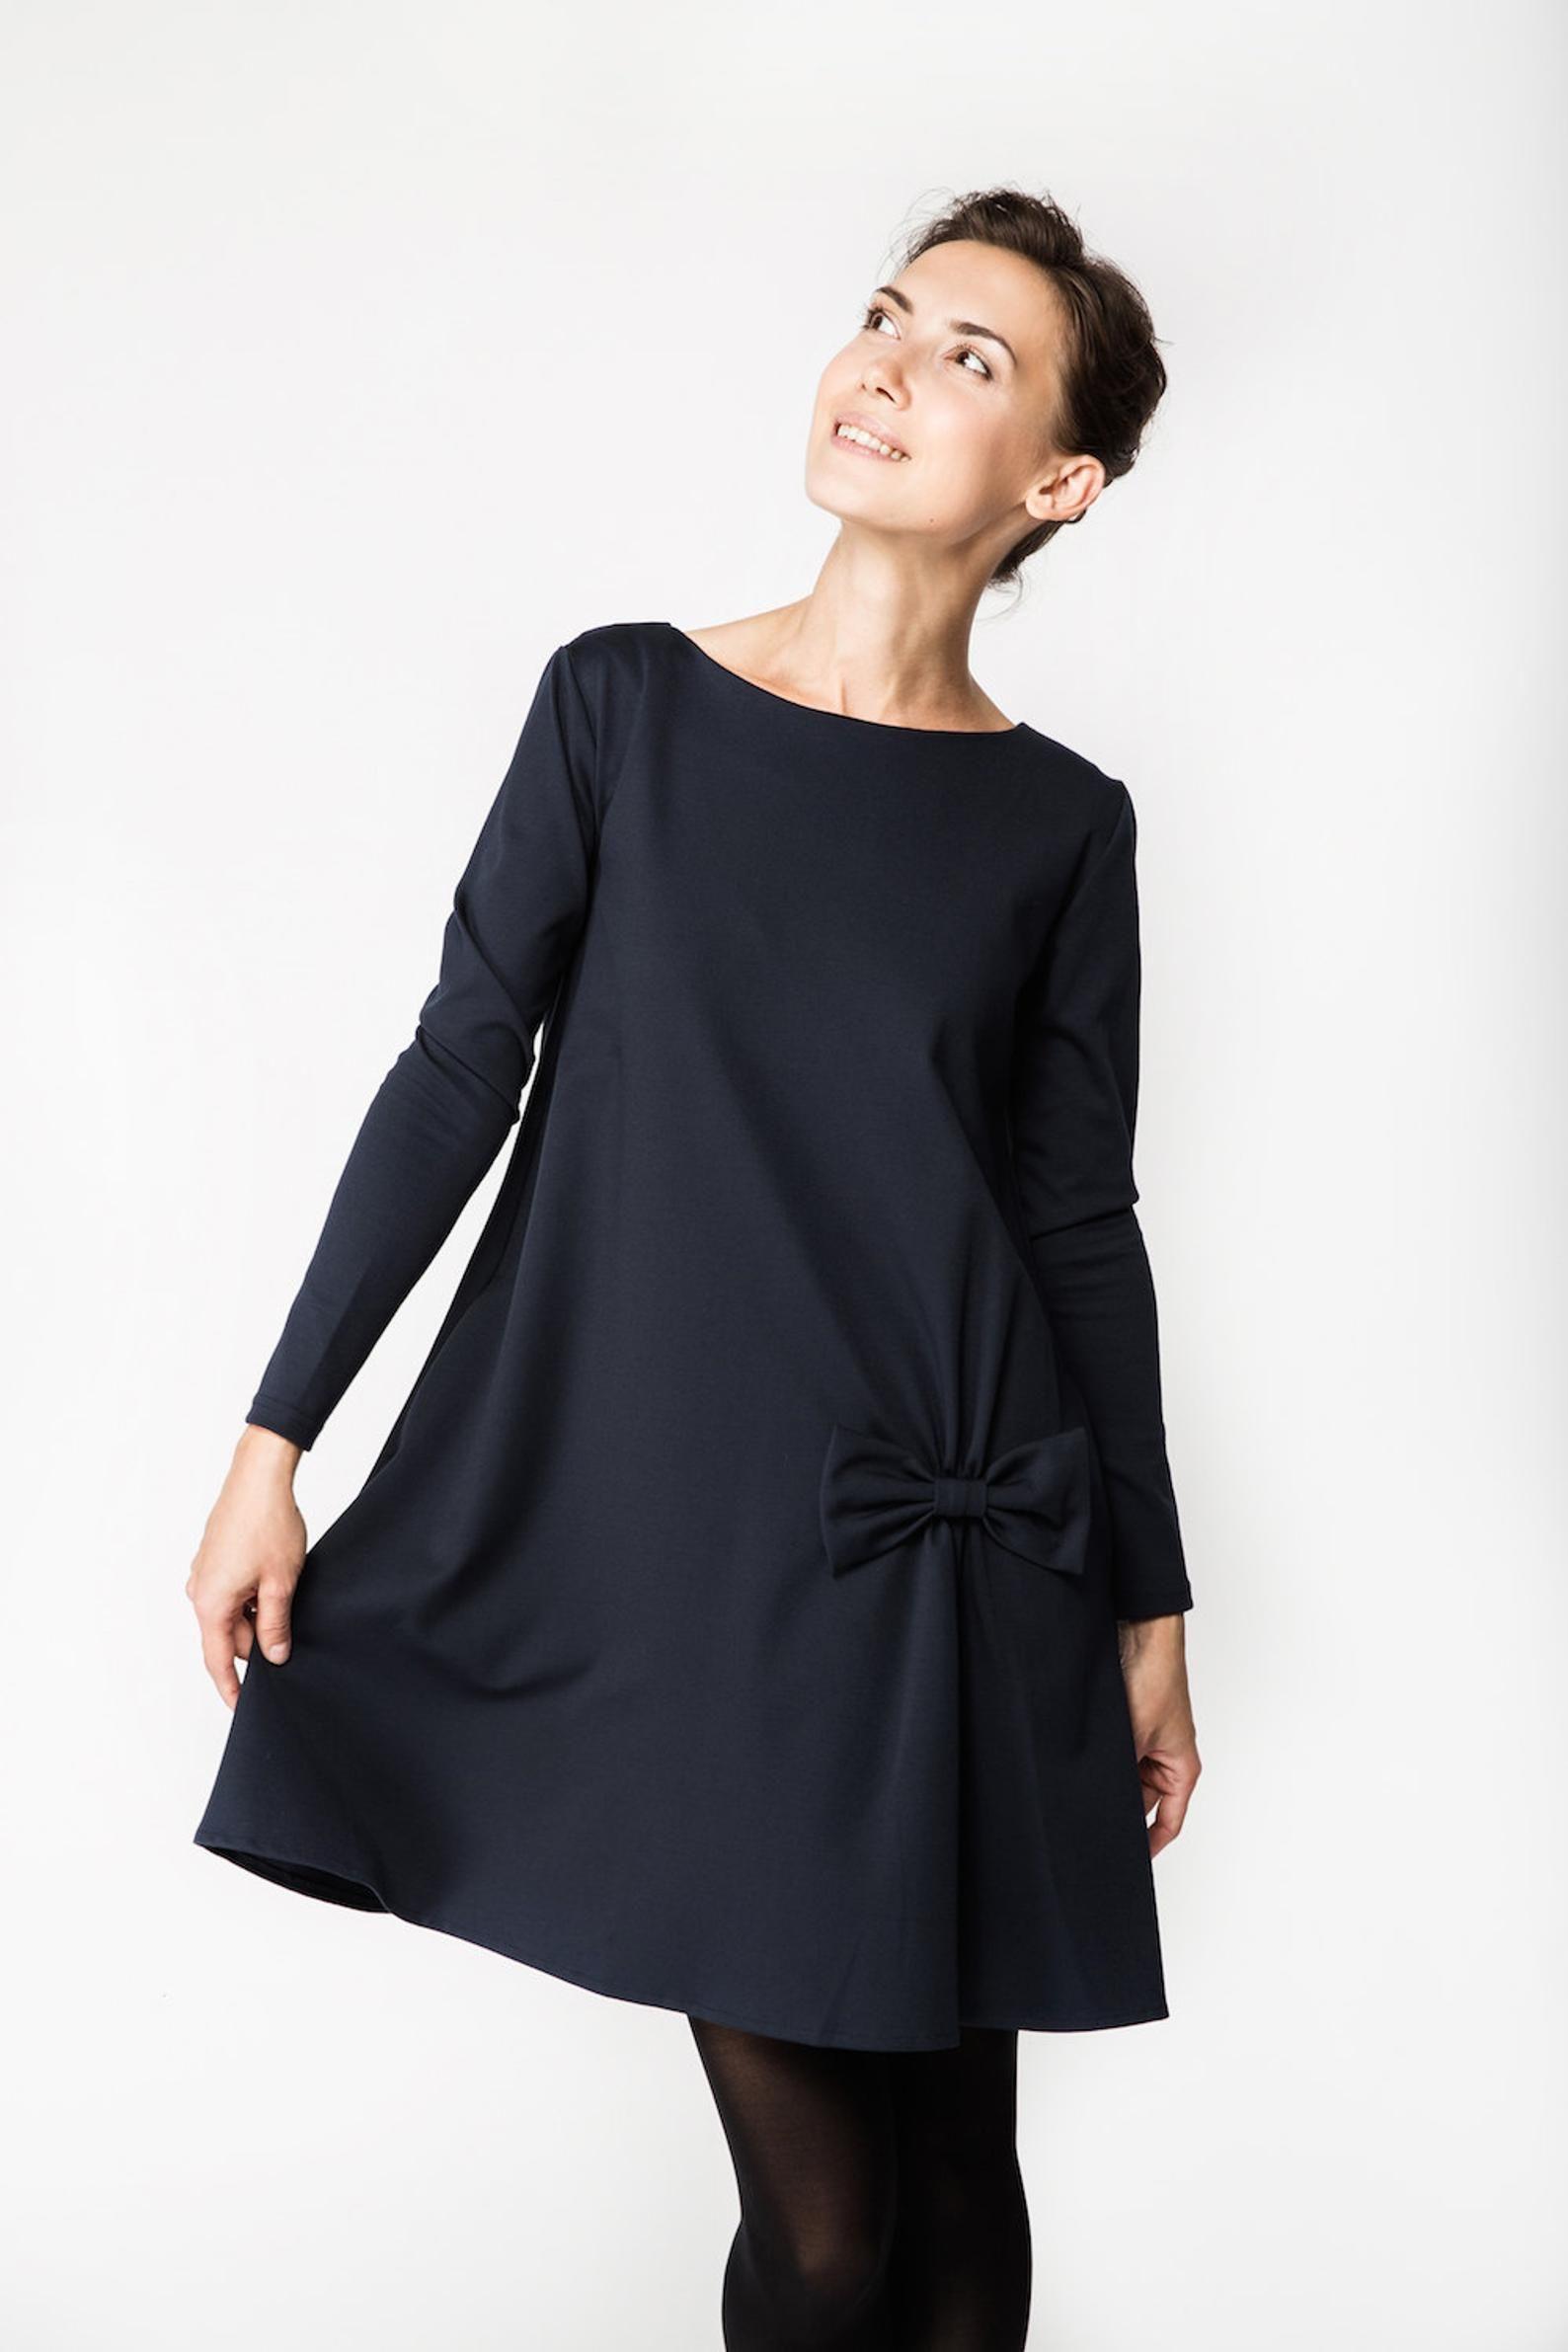 Women Dress, Blue Dress, Elegant Dress, Midi Dress ...